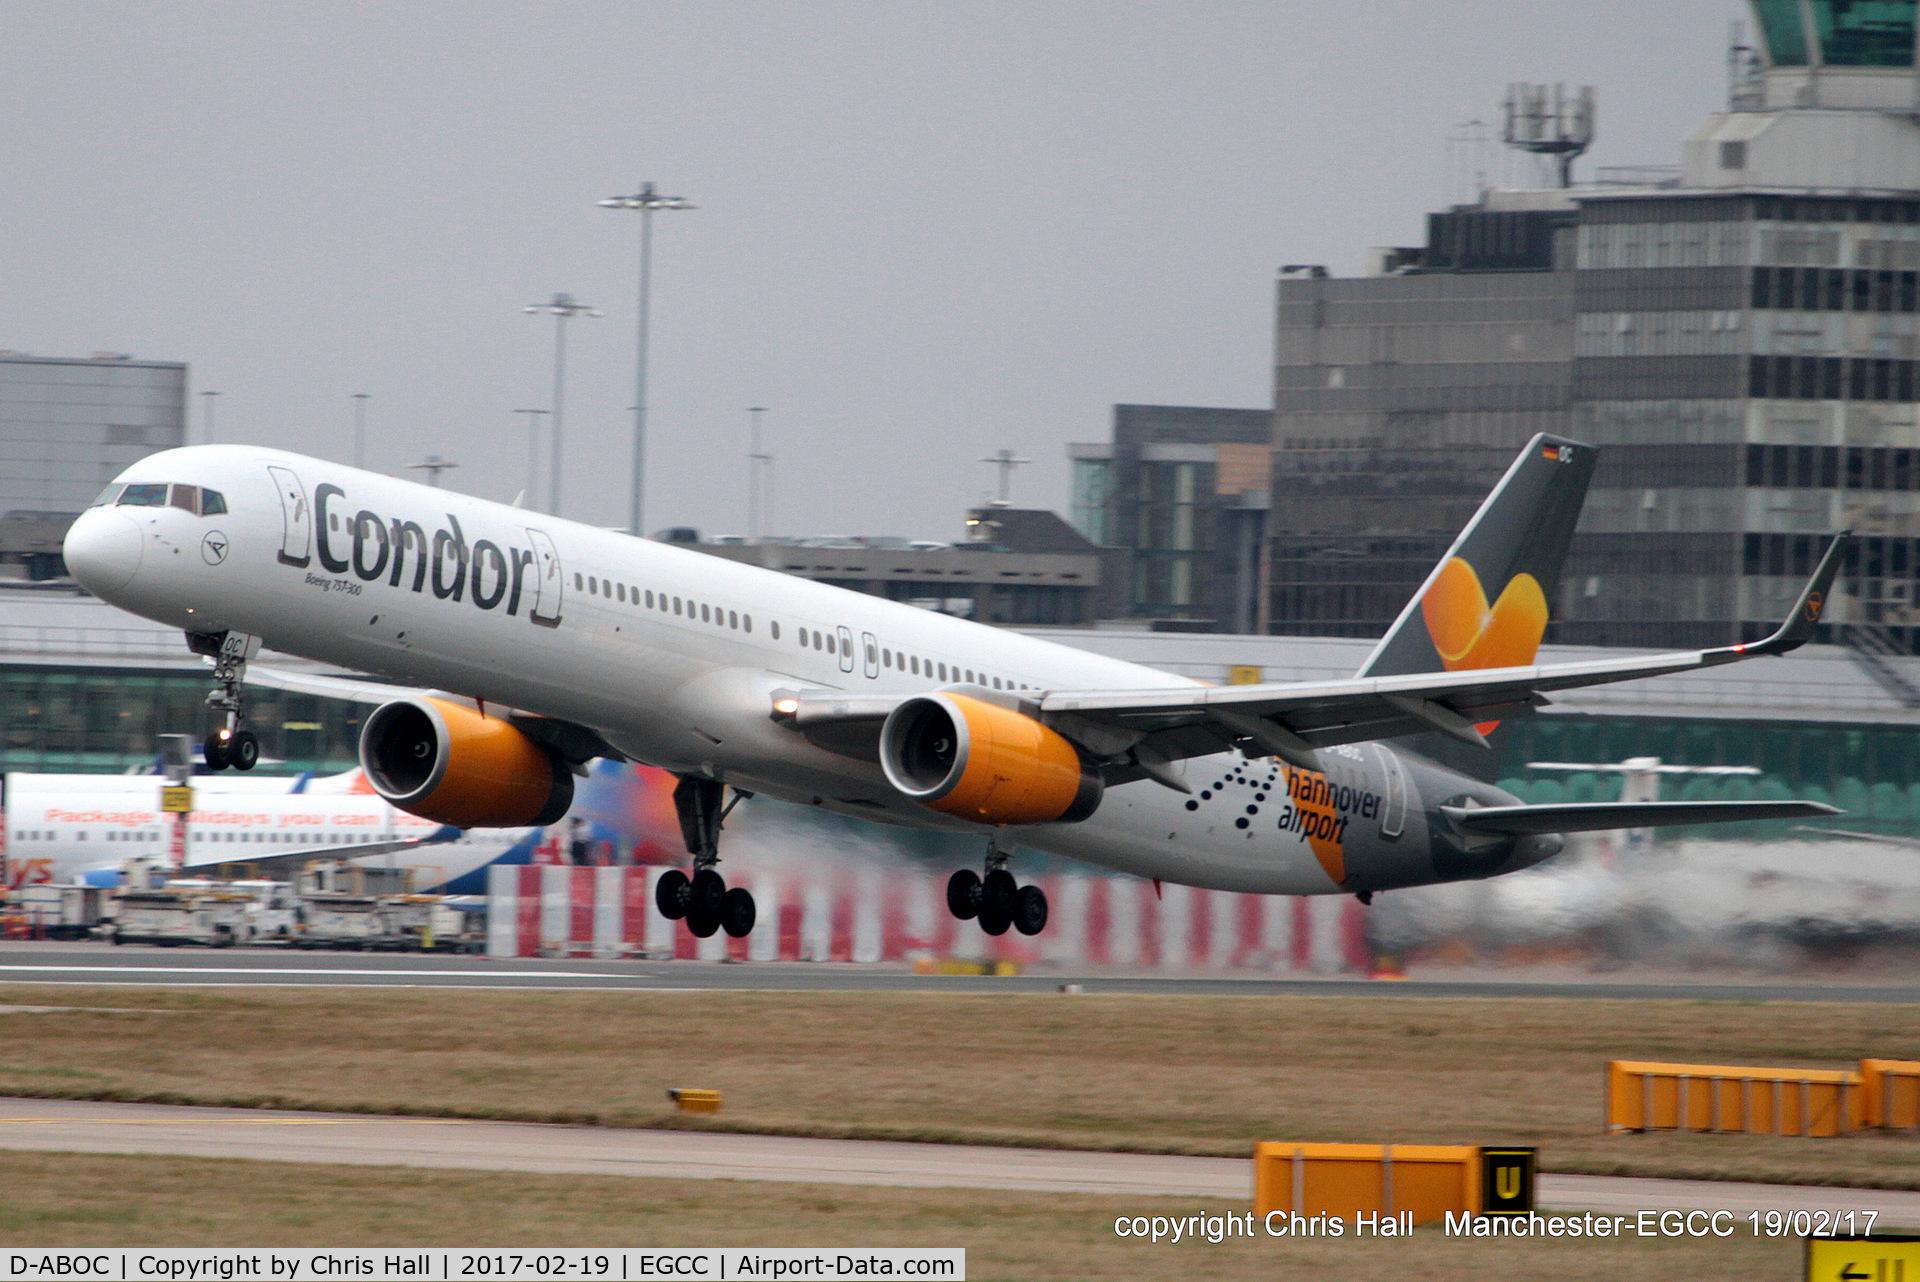 D-ABOC, 1998 Boeing 757-330 C/N 29015, Condor